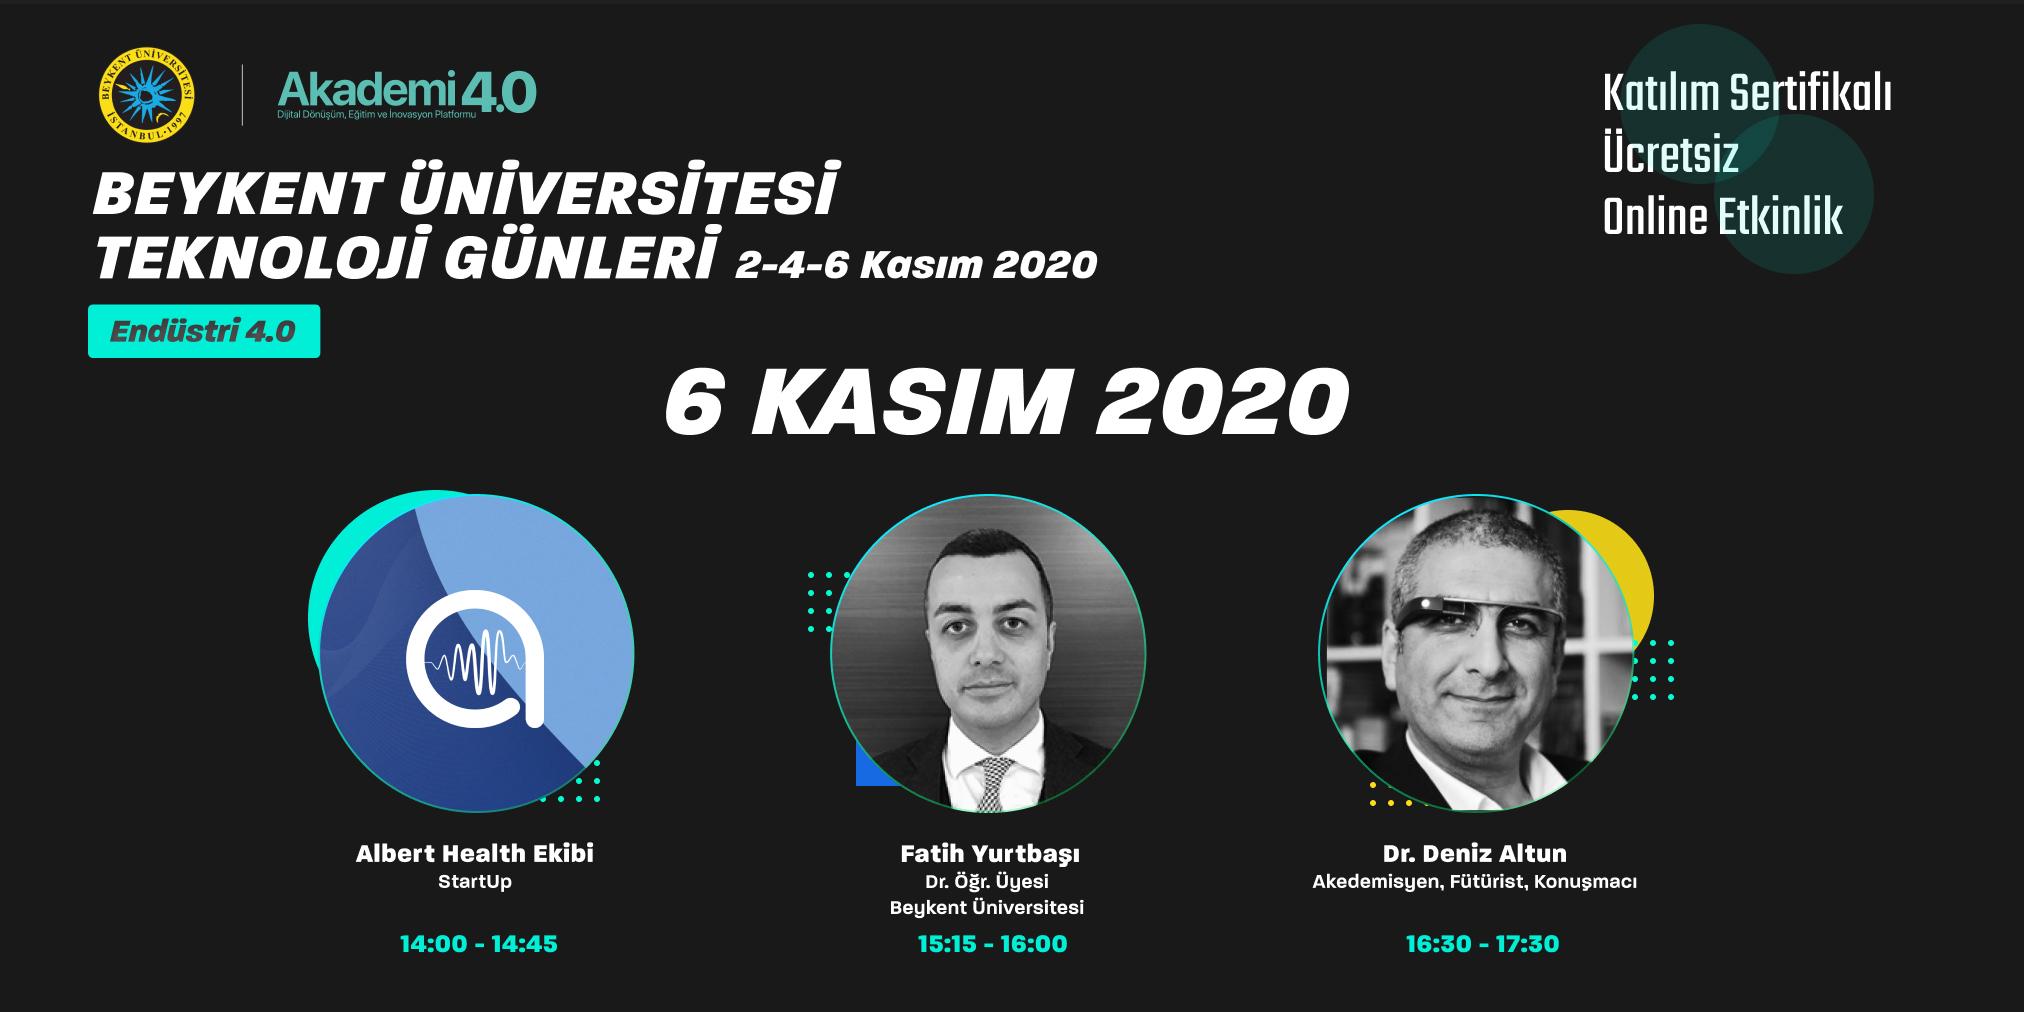 Teknoloji Günleri - Endüstri 4.0, 6 Kasım 2020